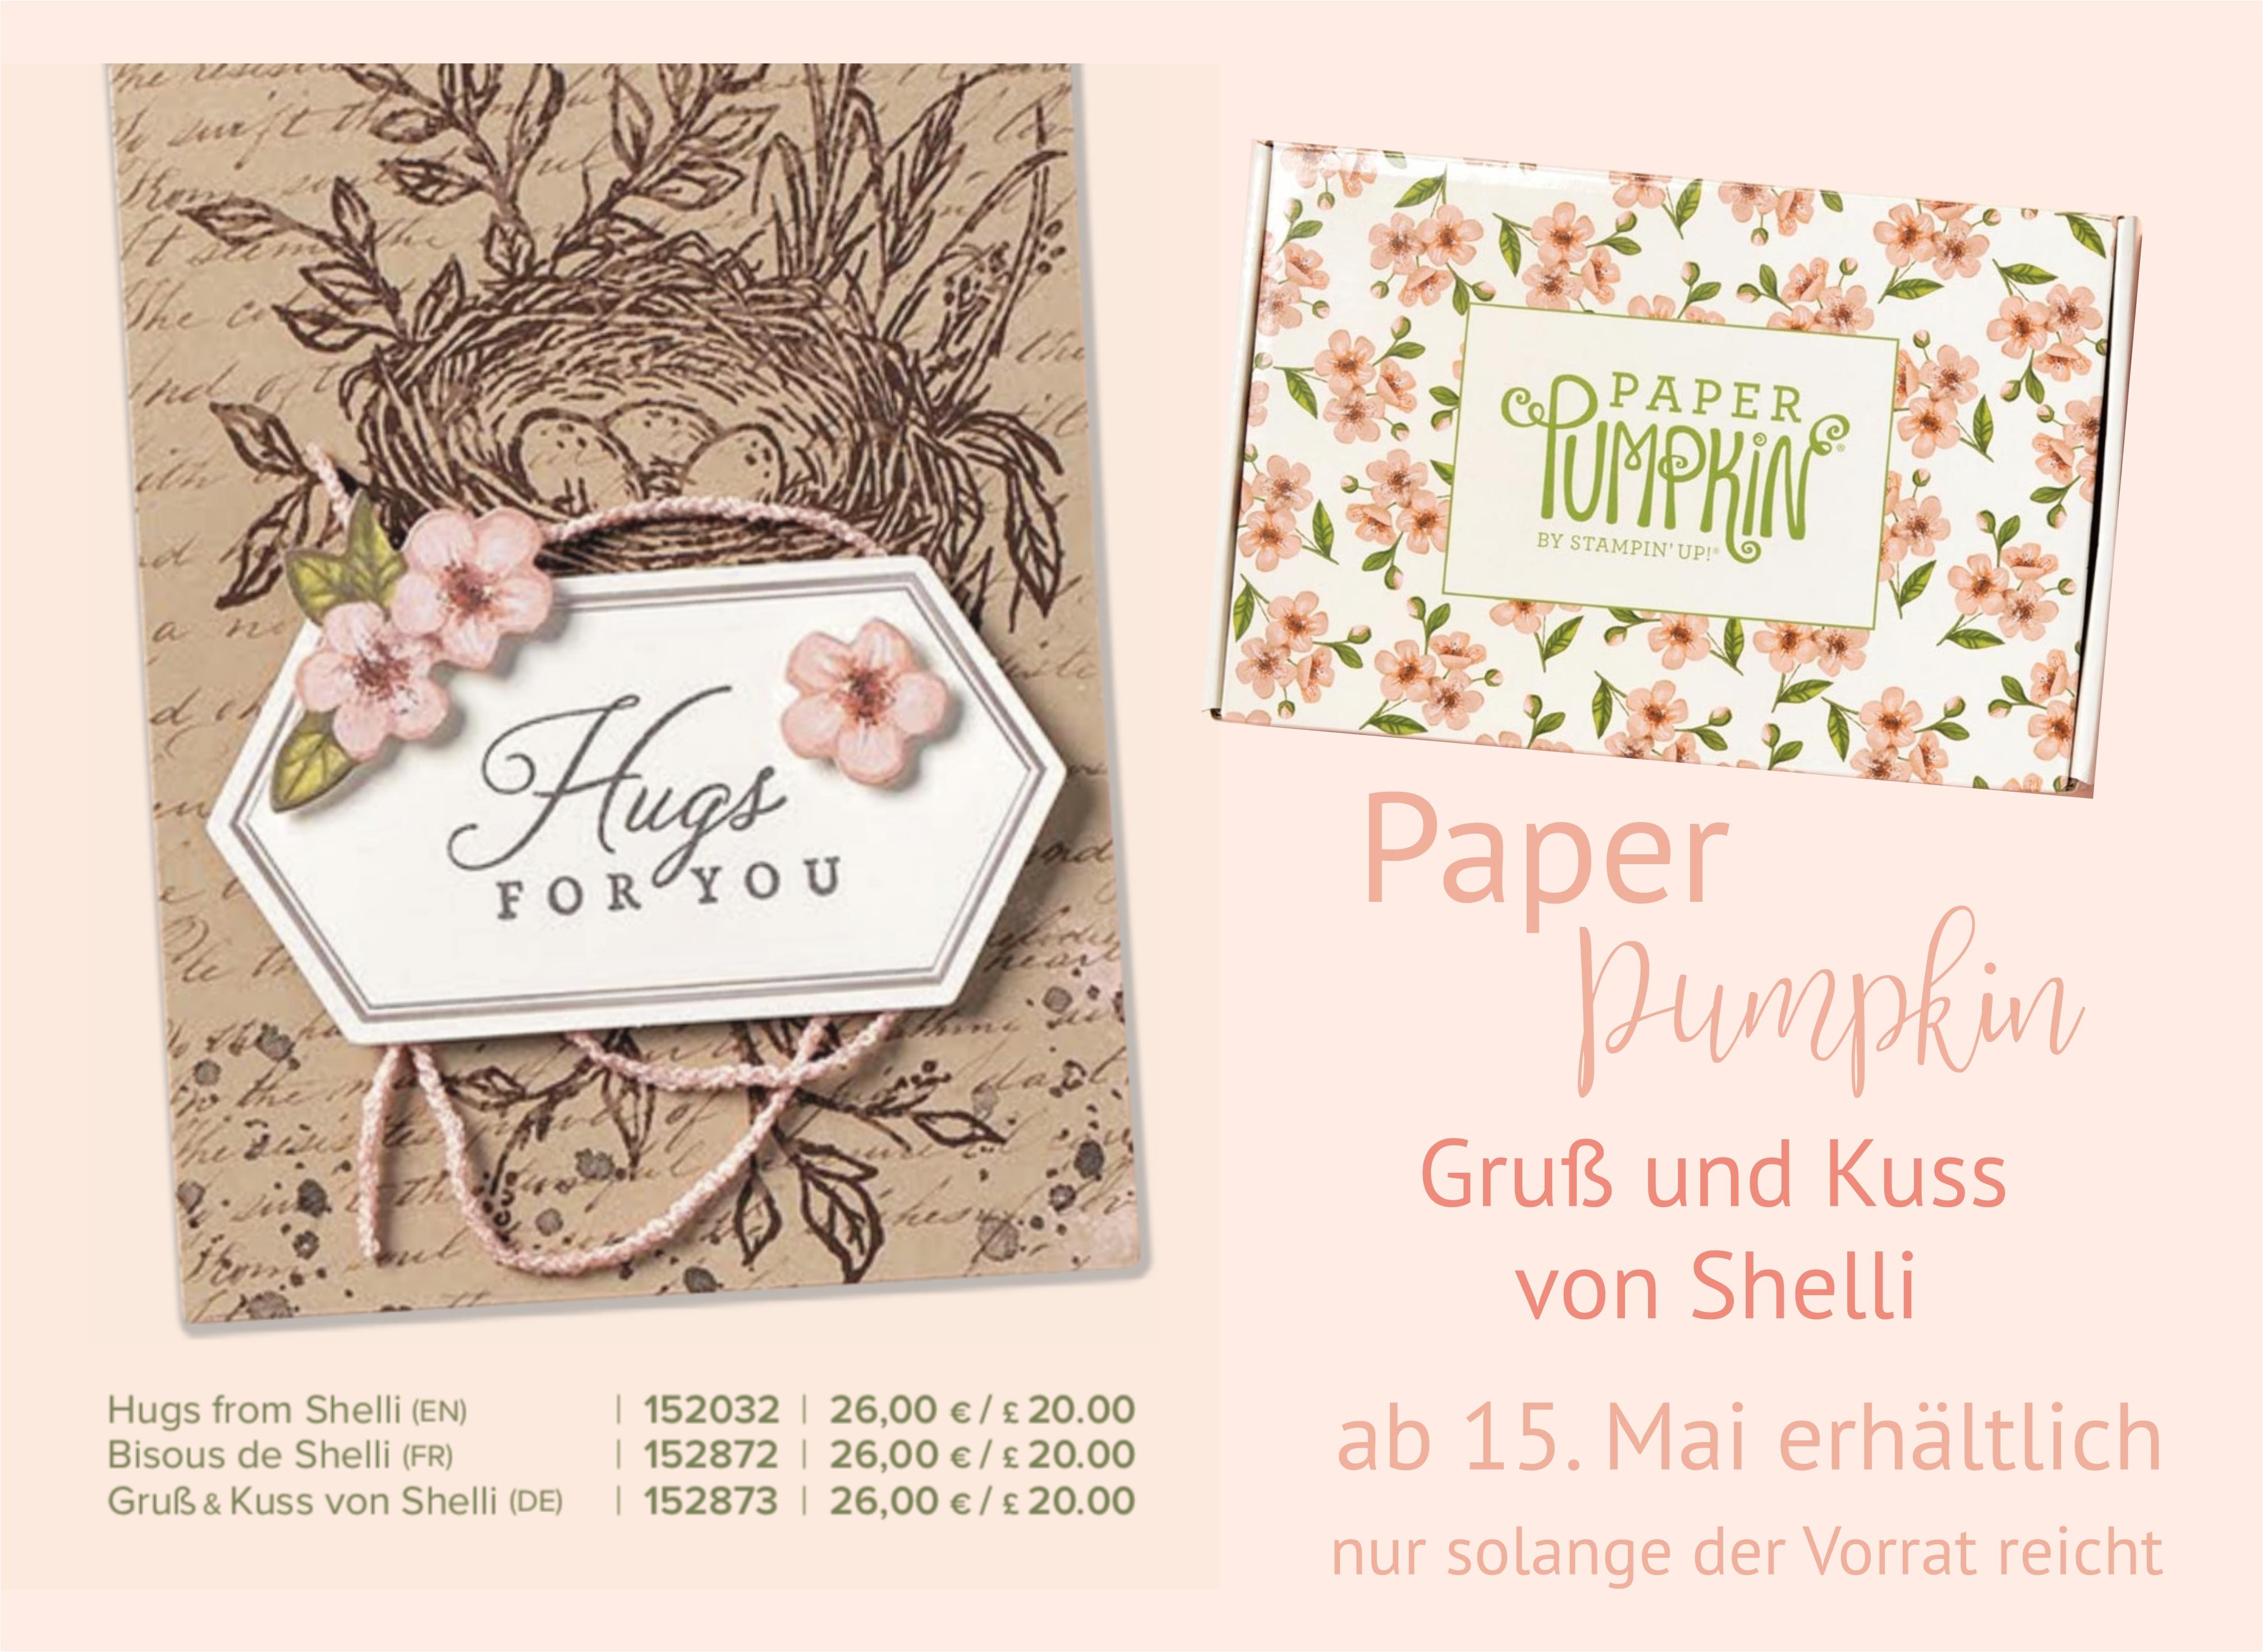 Paper Pumpkin_Stsmpin`Up!_Gruss und Kuss von Shelli